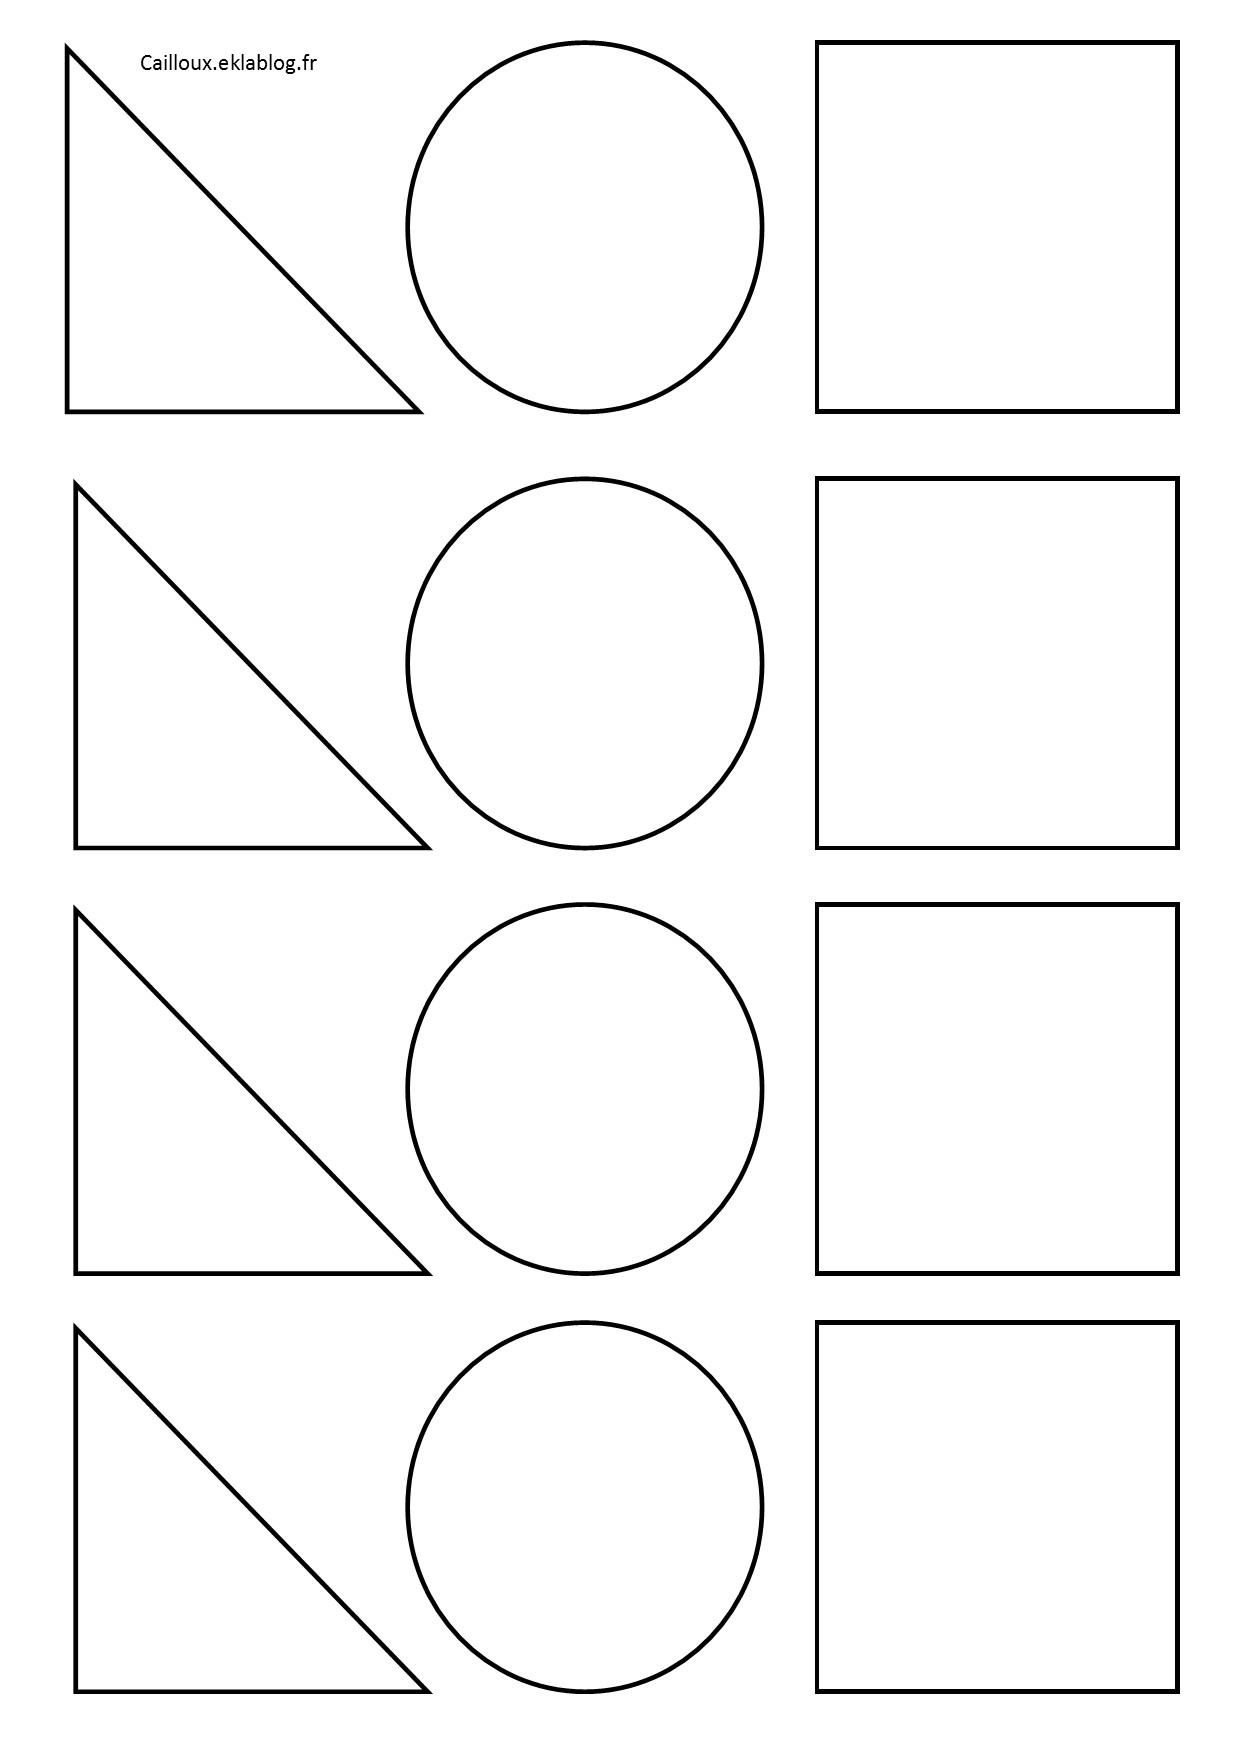 Formes Géométriques Et Découpage - La Maternelle D'isadis7 avec Atelier Découpage Maternelle